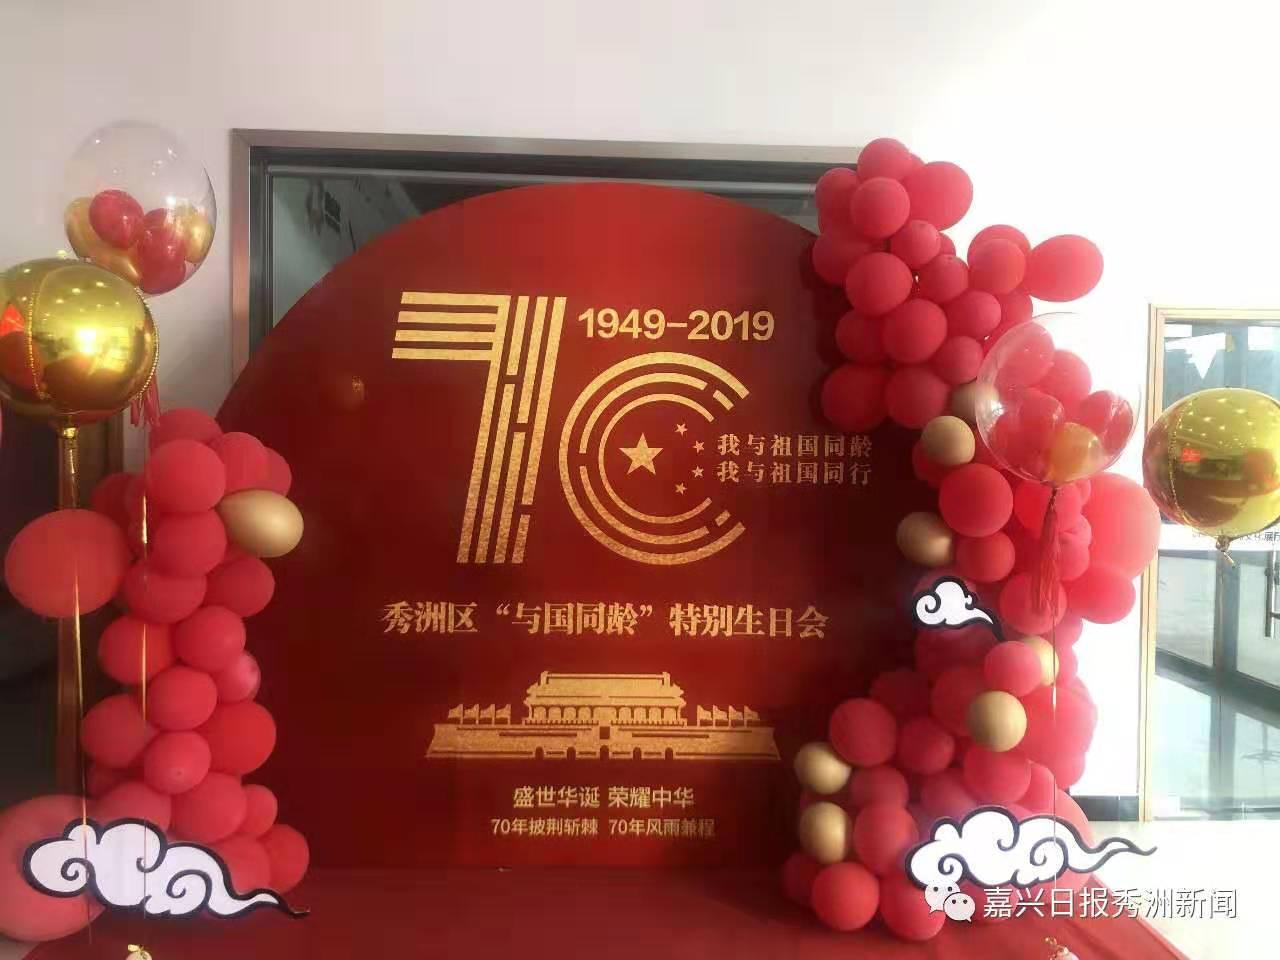 秀洲區舉行與新中國同齡70歲老人特別生日會